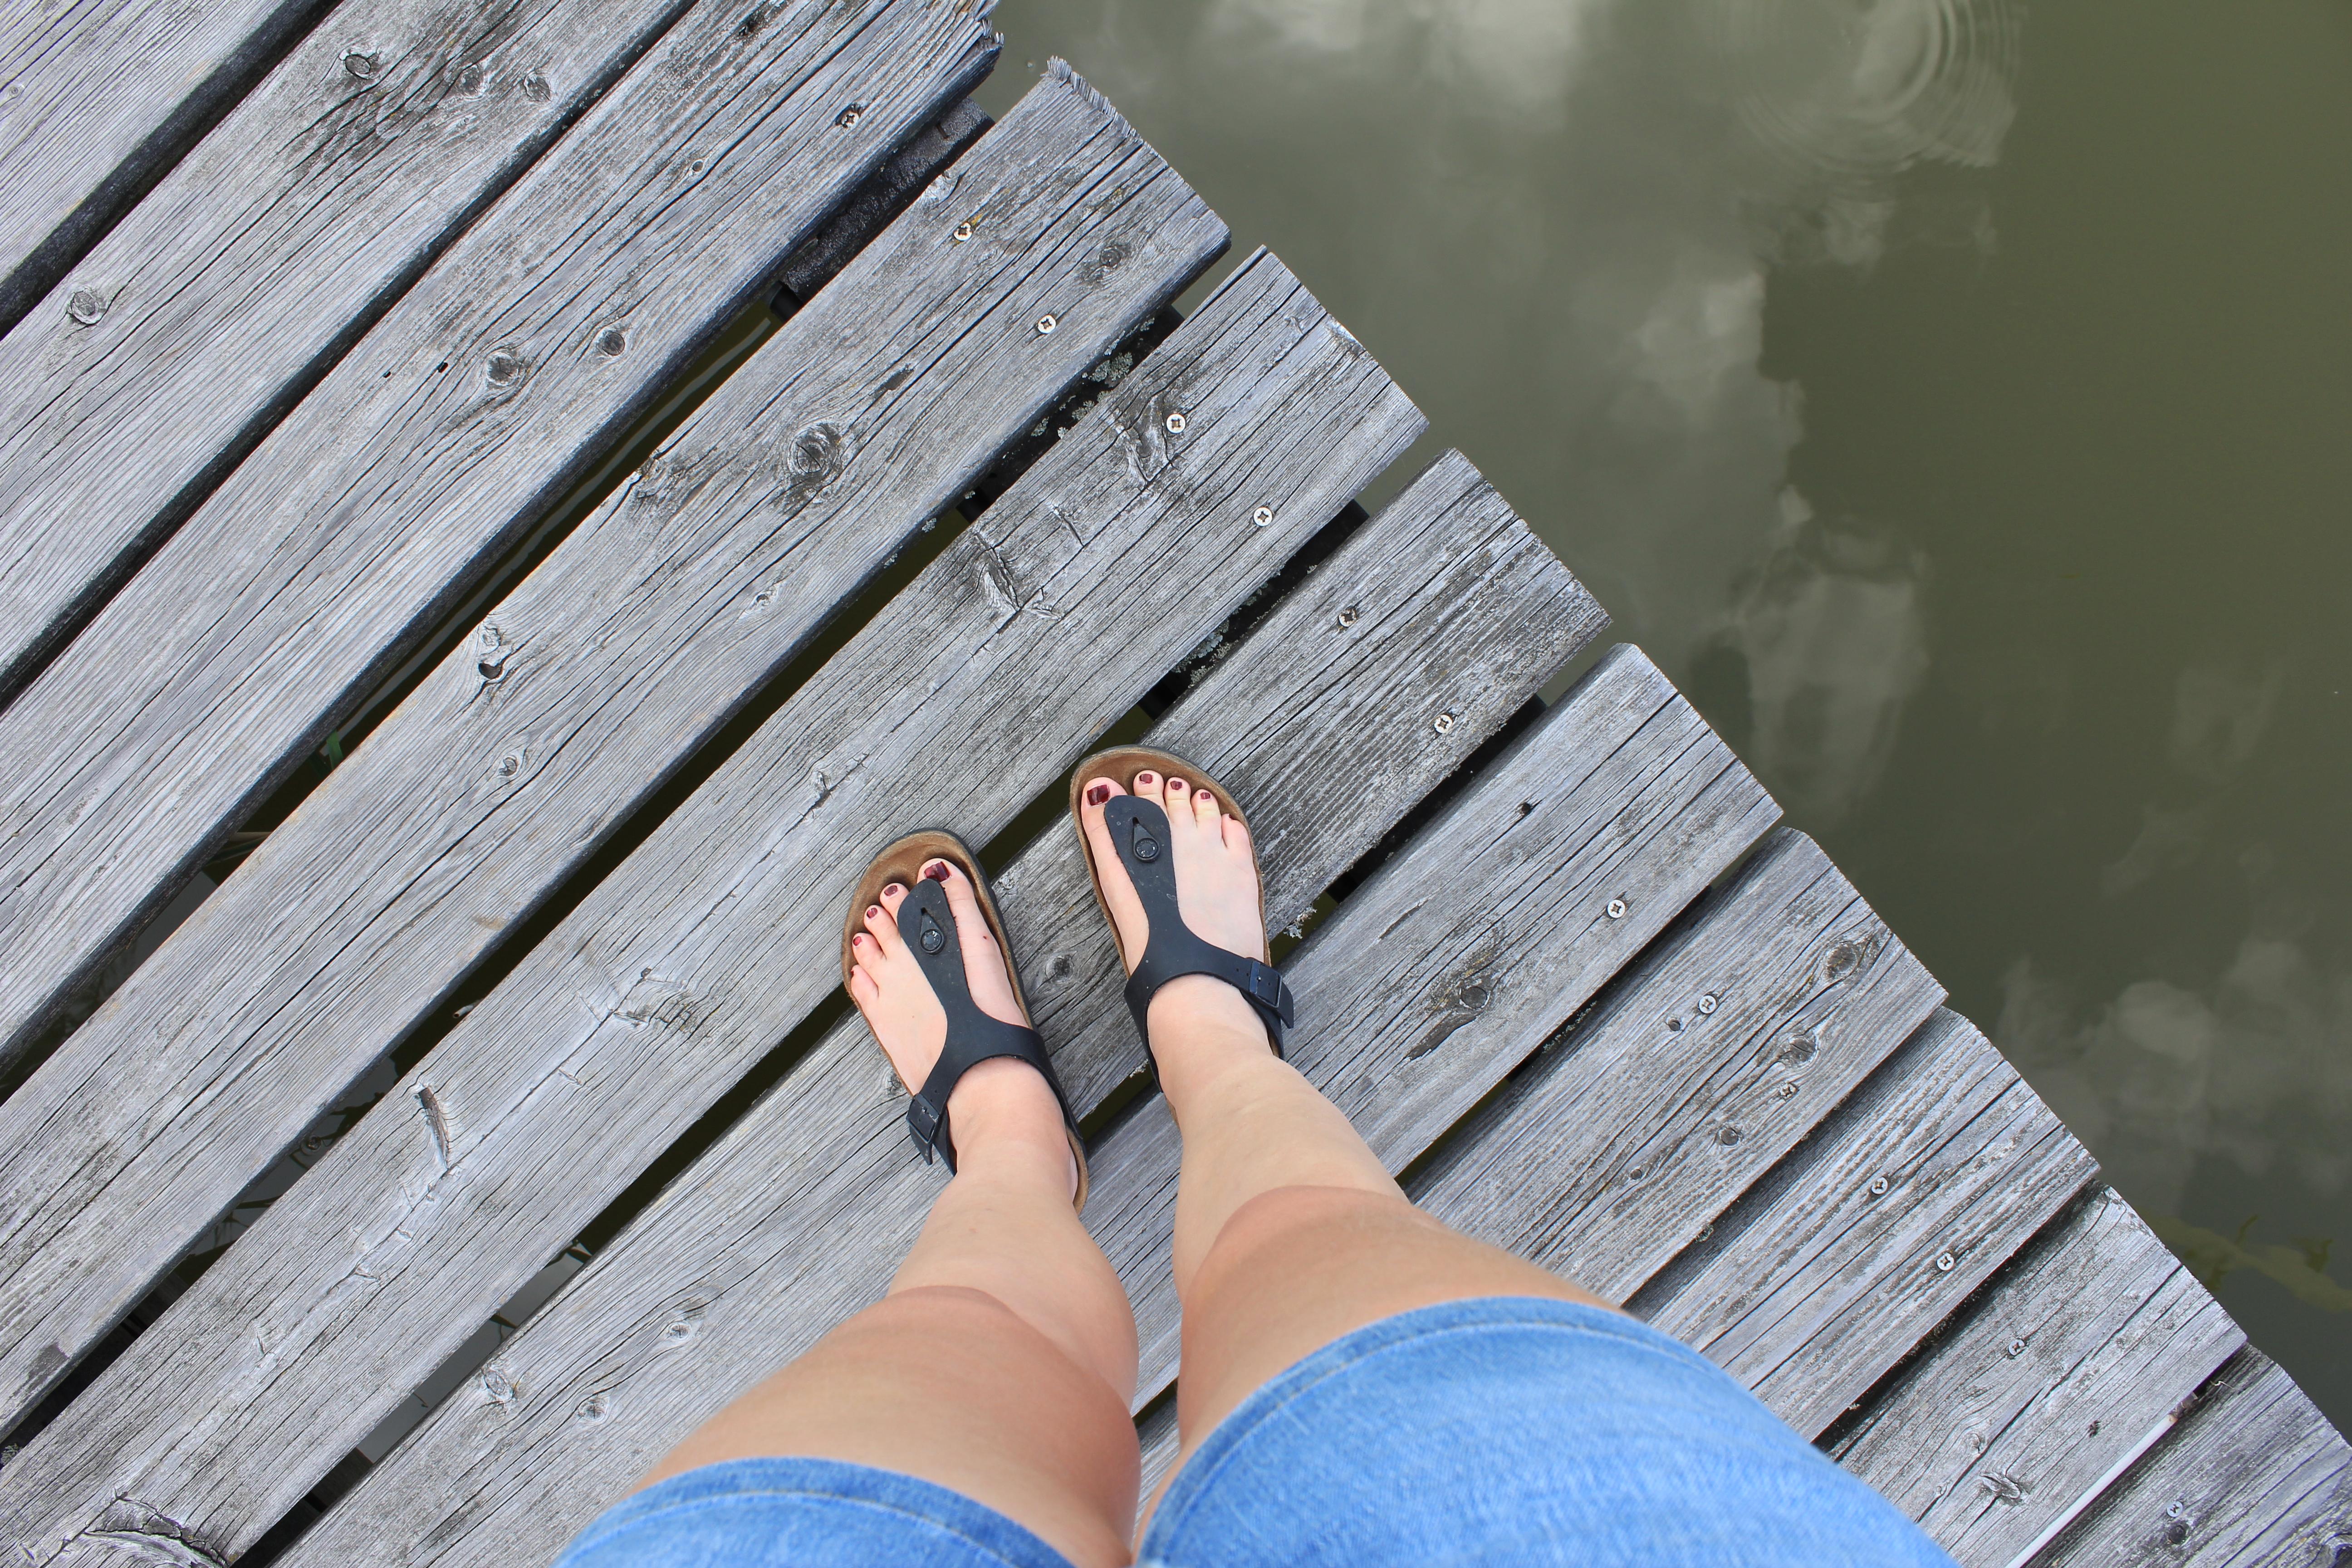 10 travel essentials which I always forget - Flip flops